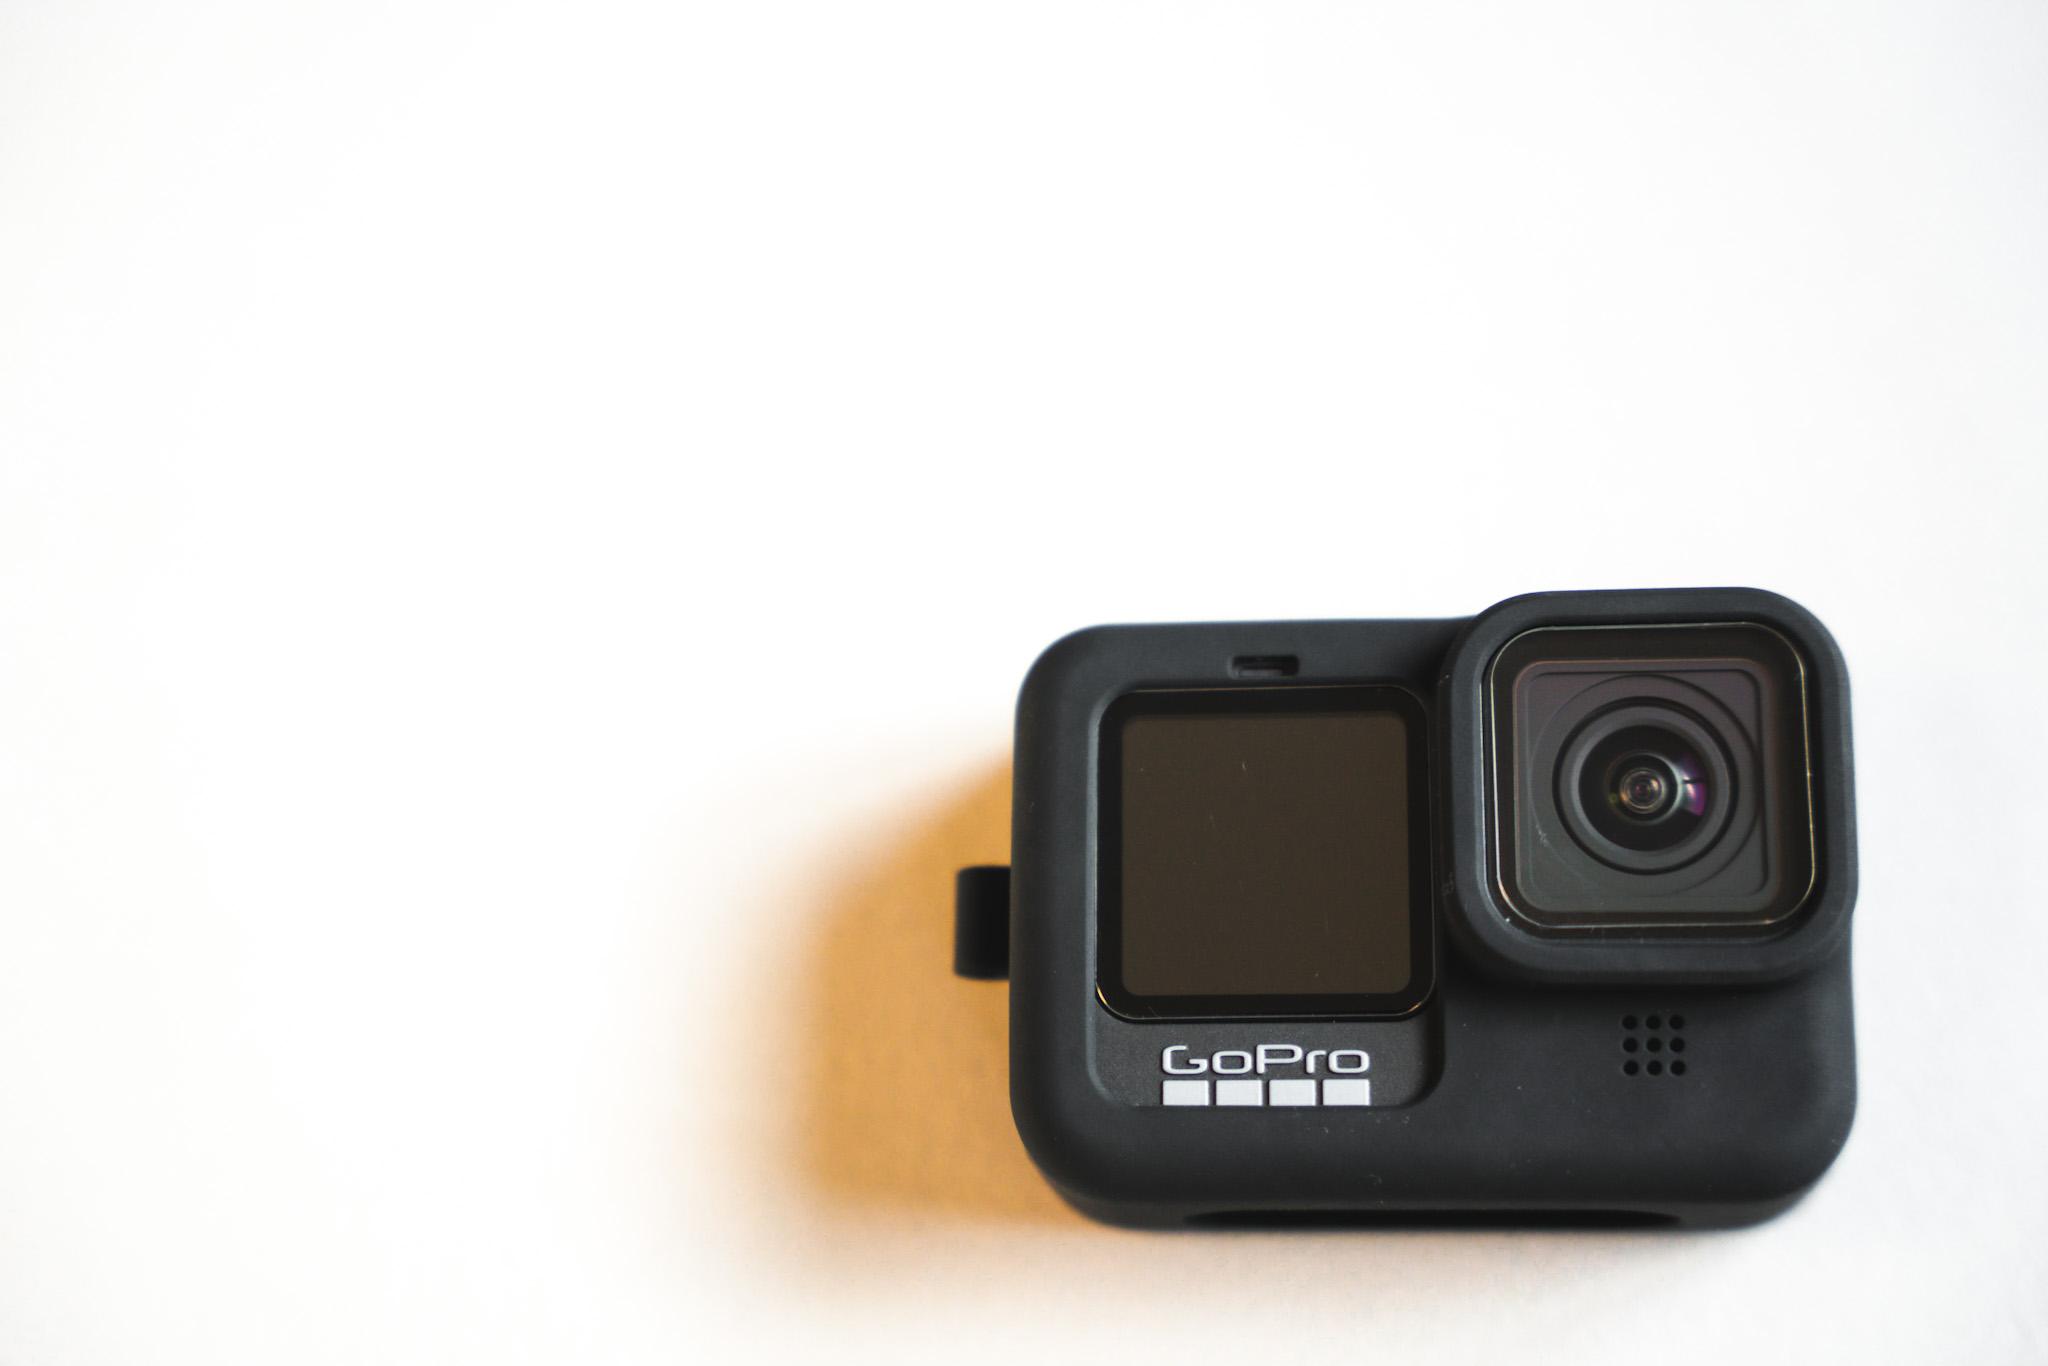 愛用しているカメラ機材|サブカメラ:GoPro HERO9